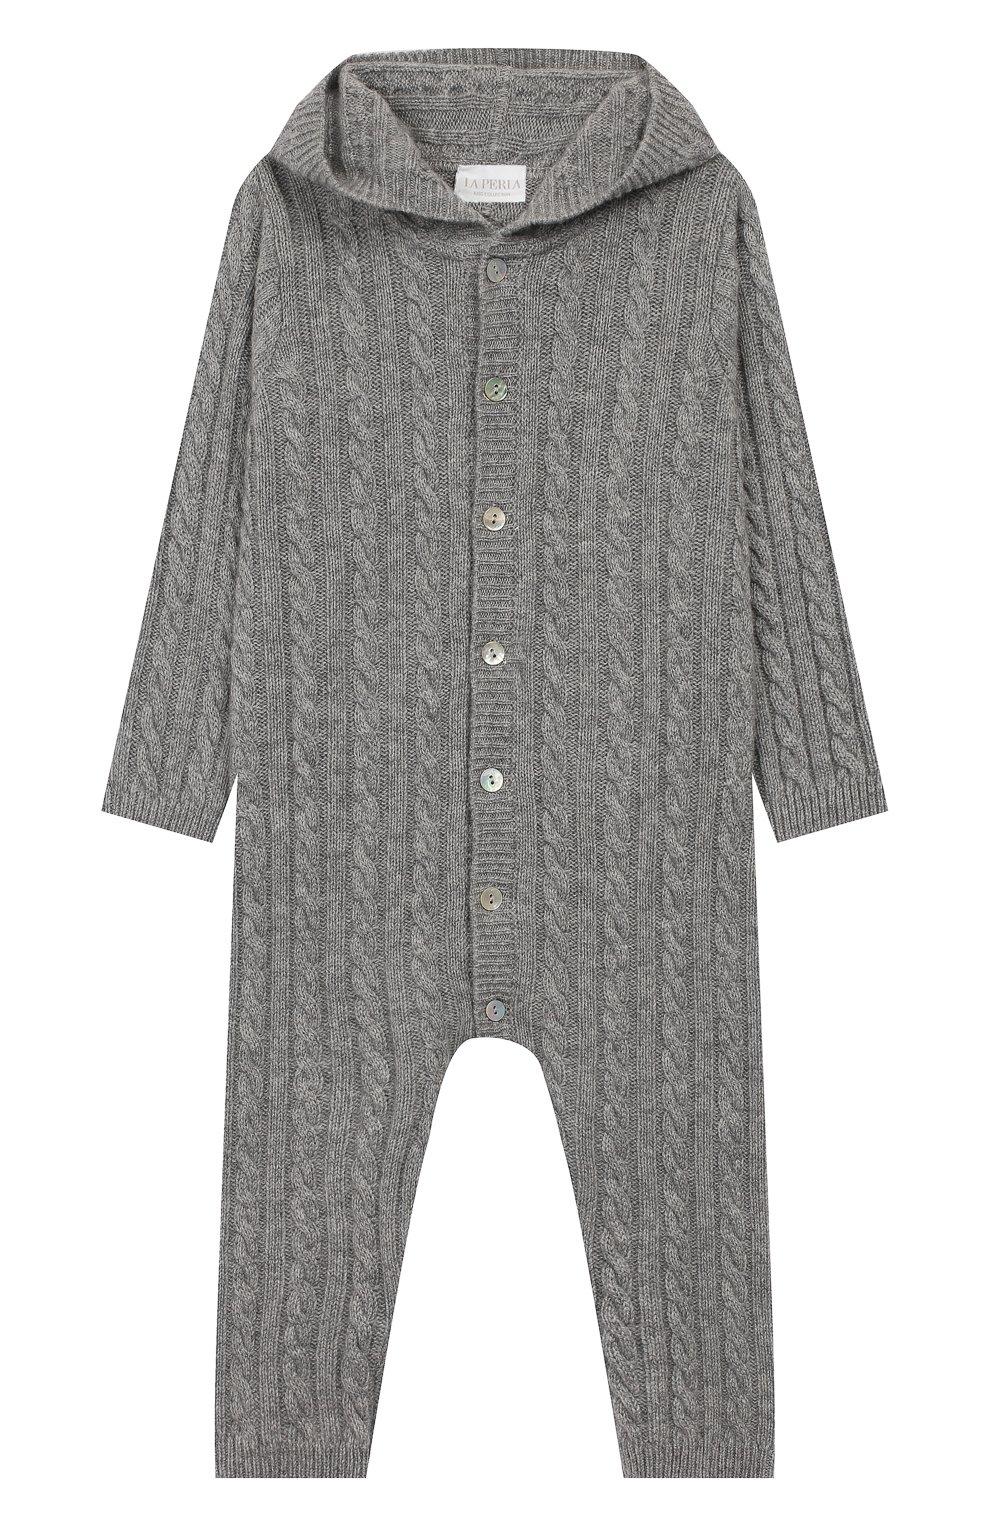 Детский кашемировый комбинезон с капюшоном LA PERLA серого цвета, арт. 59975/1M-12M | Фото 1